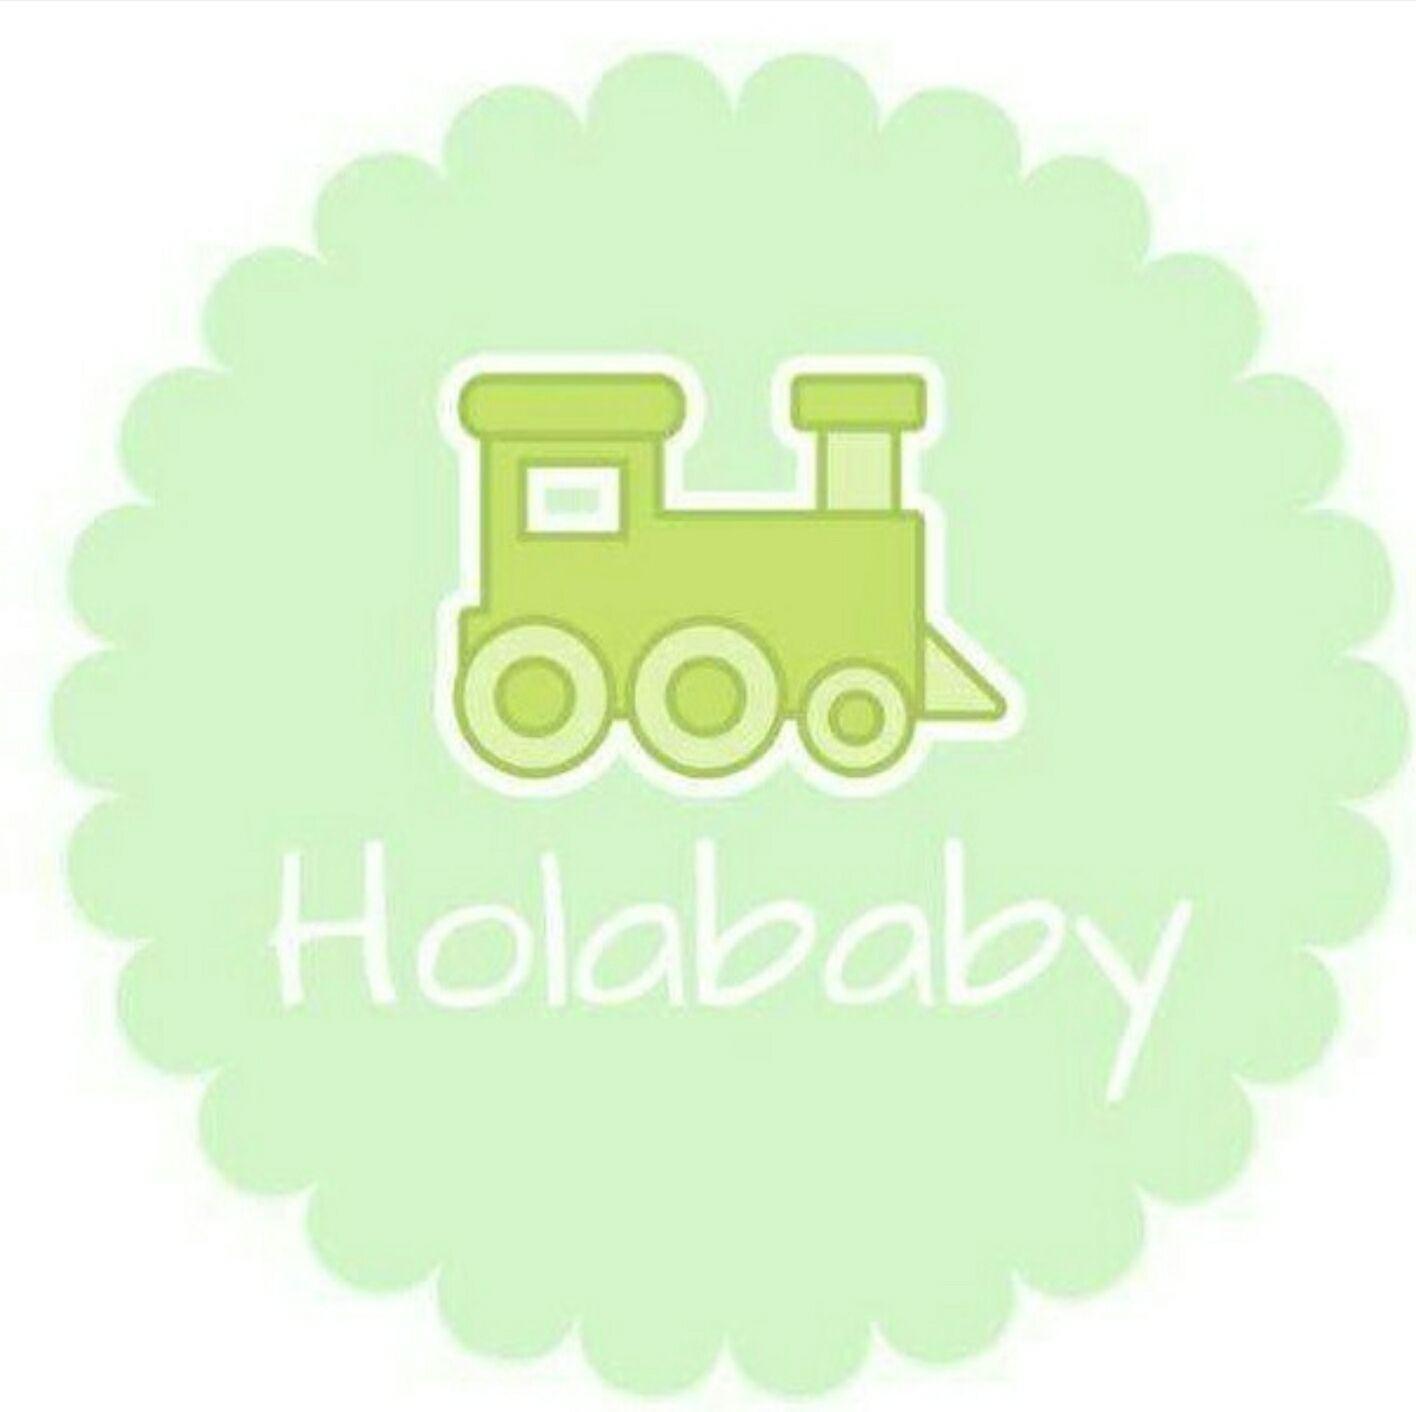 Holababy logo